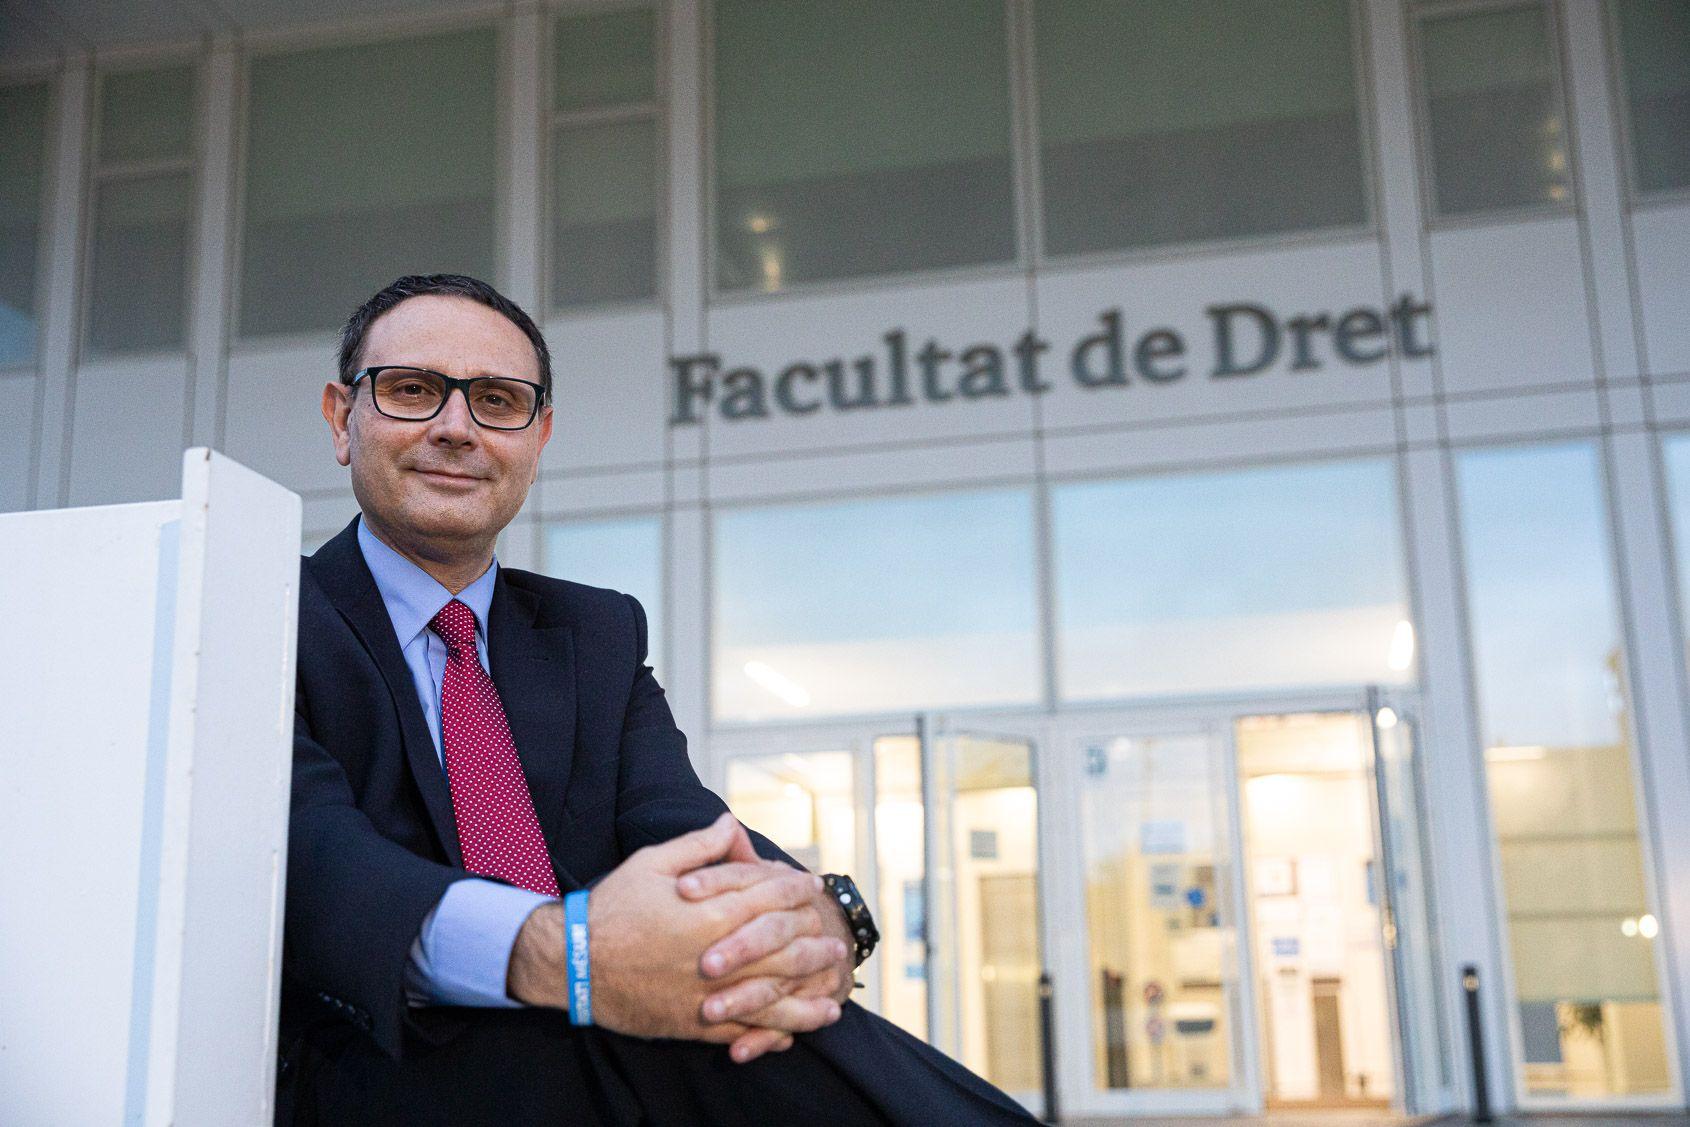 El catedràtic de Dret Processal i candidat a rector de la Universitat de Barcelona, David Vallespín | Jordi Borràs